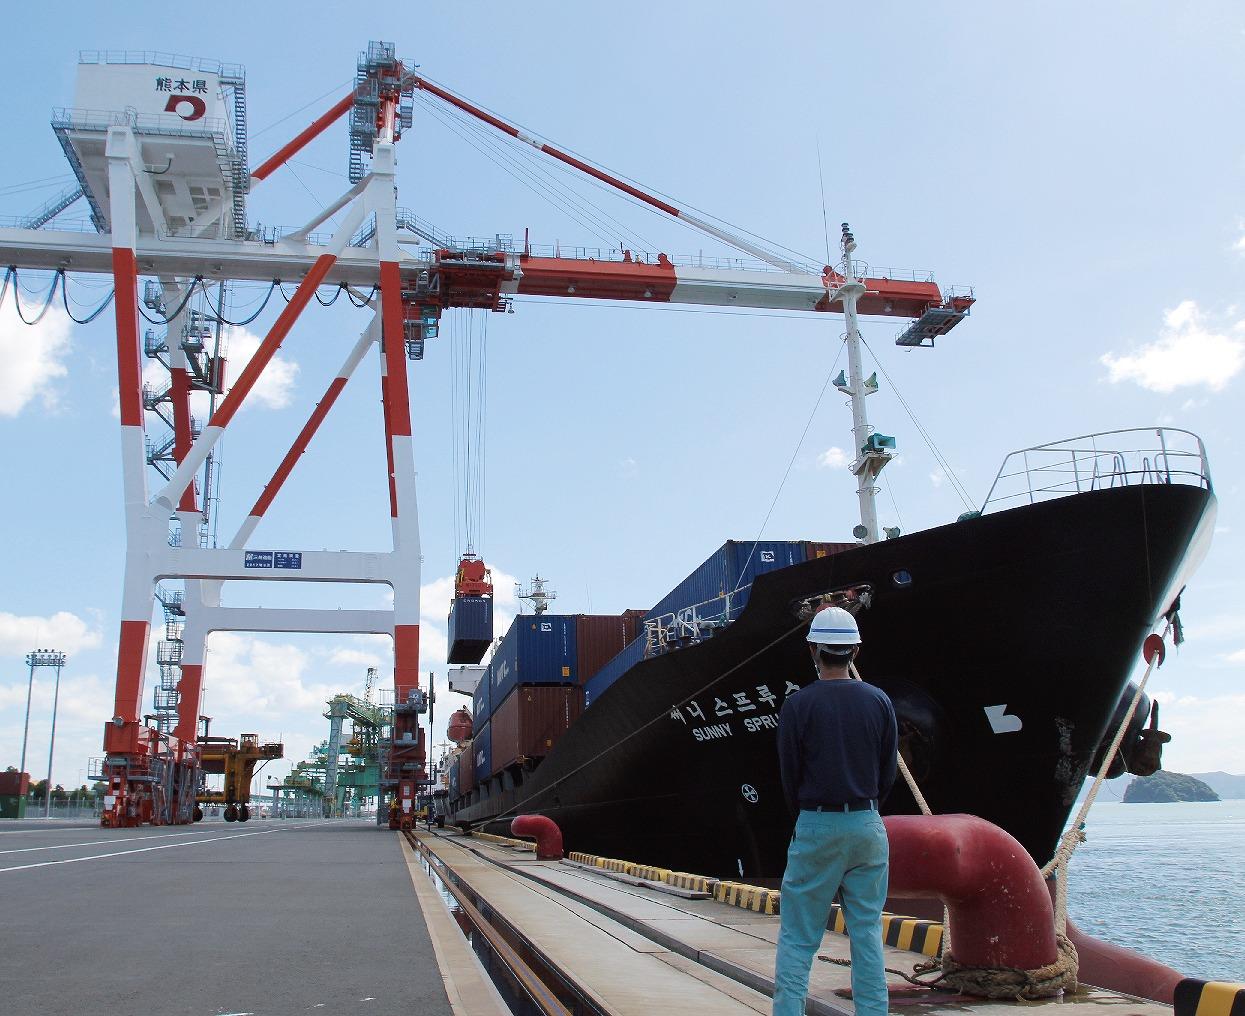 【グラビア】■「国際コンテナ」が過去最高に・・・熊本港と八代港